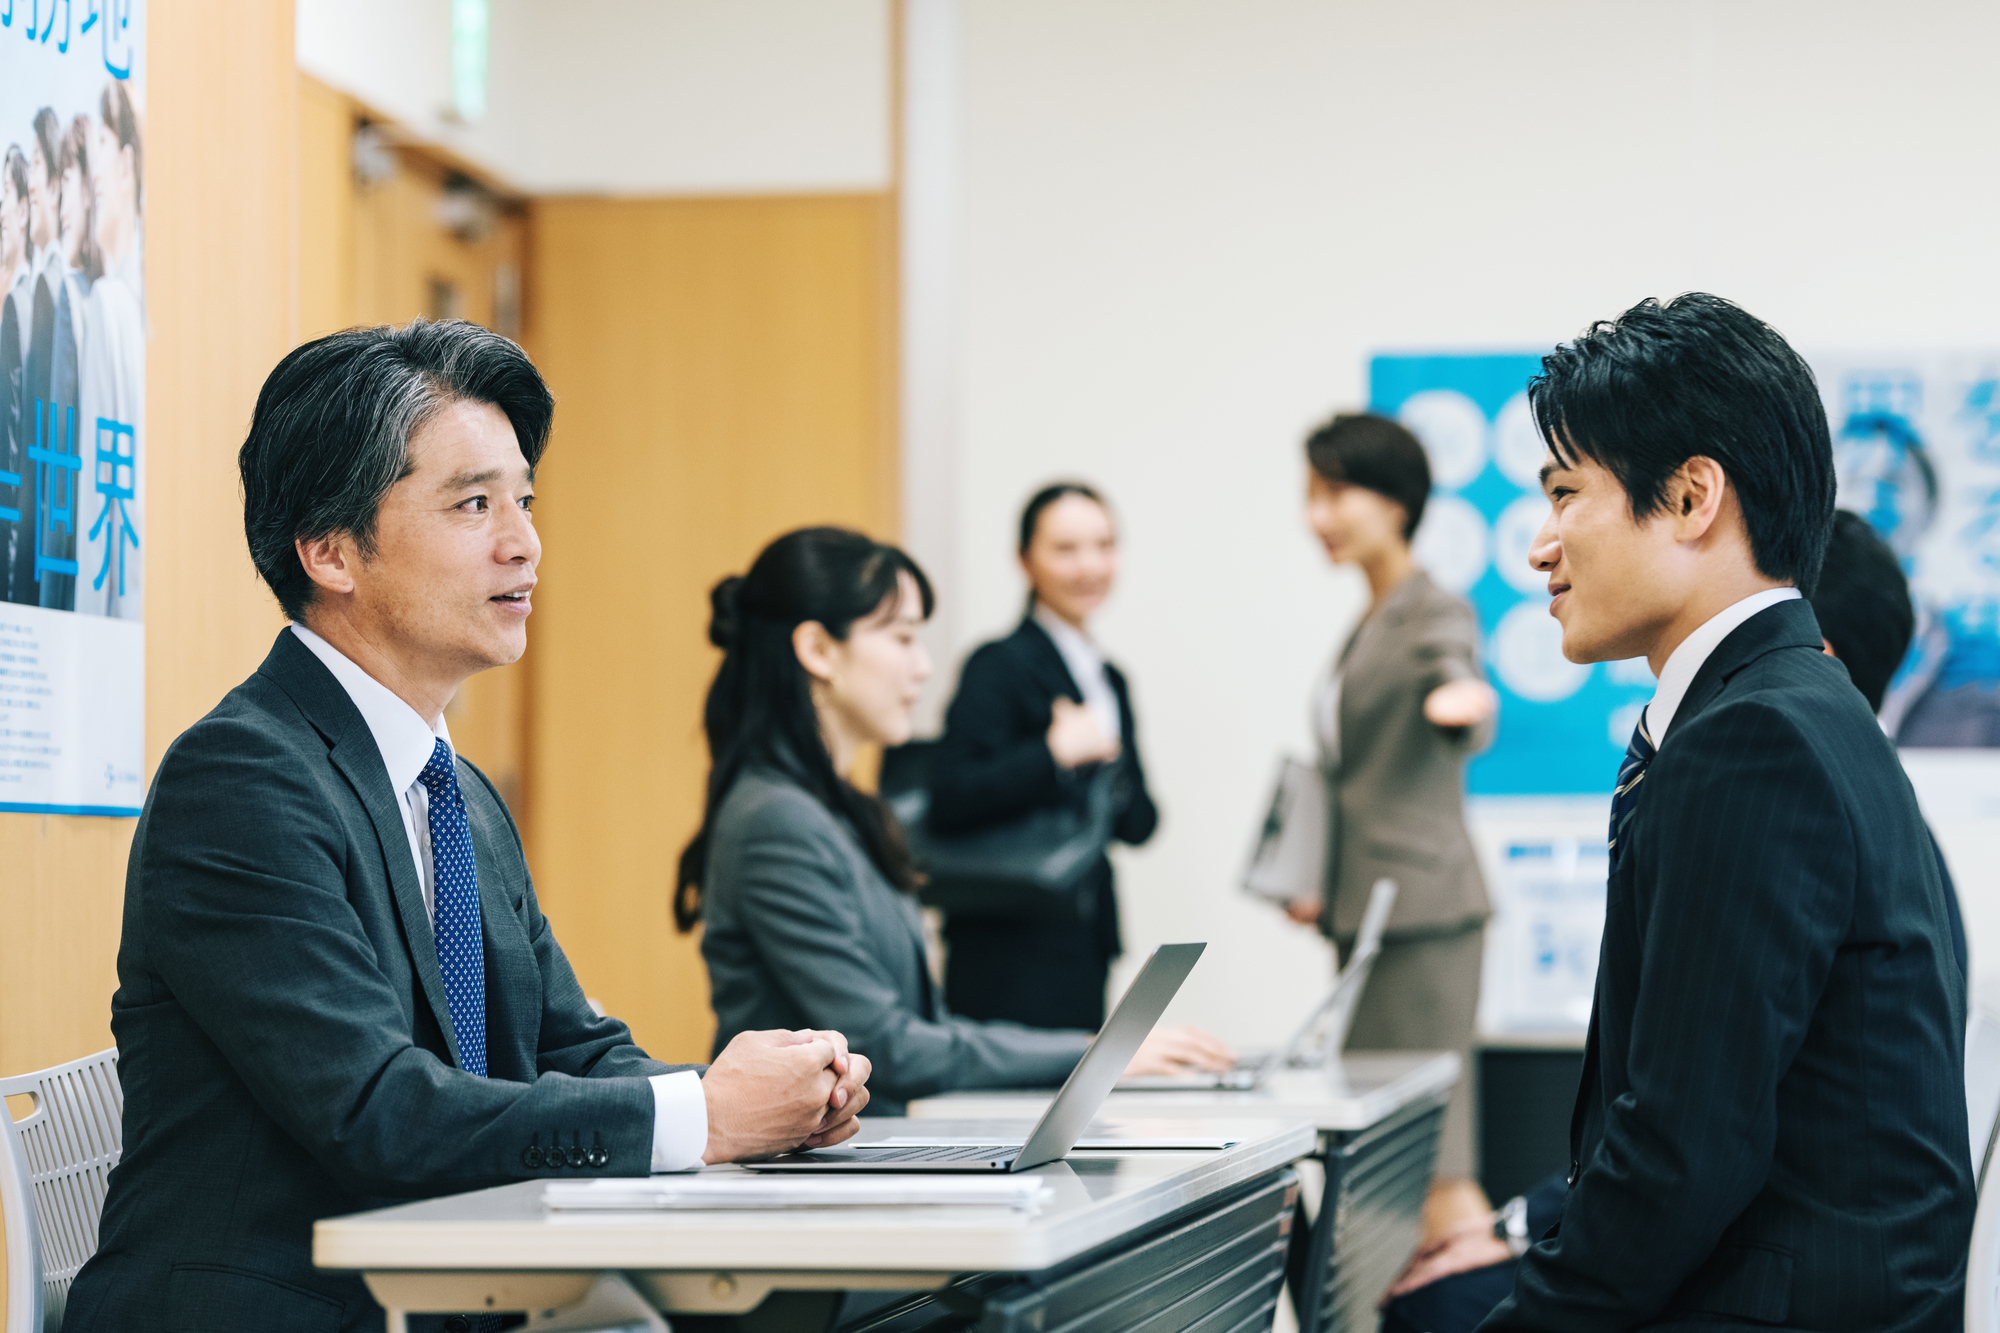 Thực trạng xin việc của sinh viên tại Nhật năm 2020! Top 10 trường đại học  có tỉ lệ sinh viên có việc làm sau tốt nghiệp cao nhất ở Nhật năm